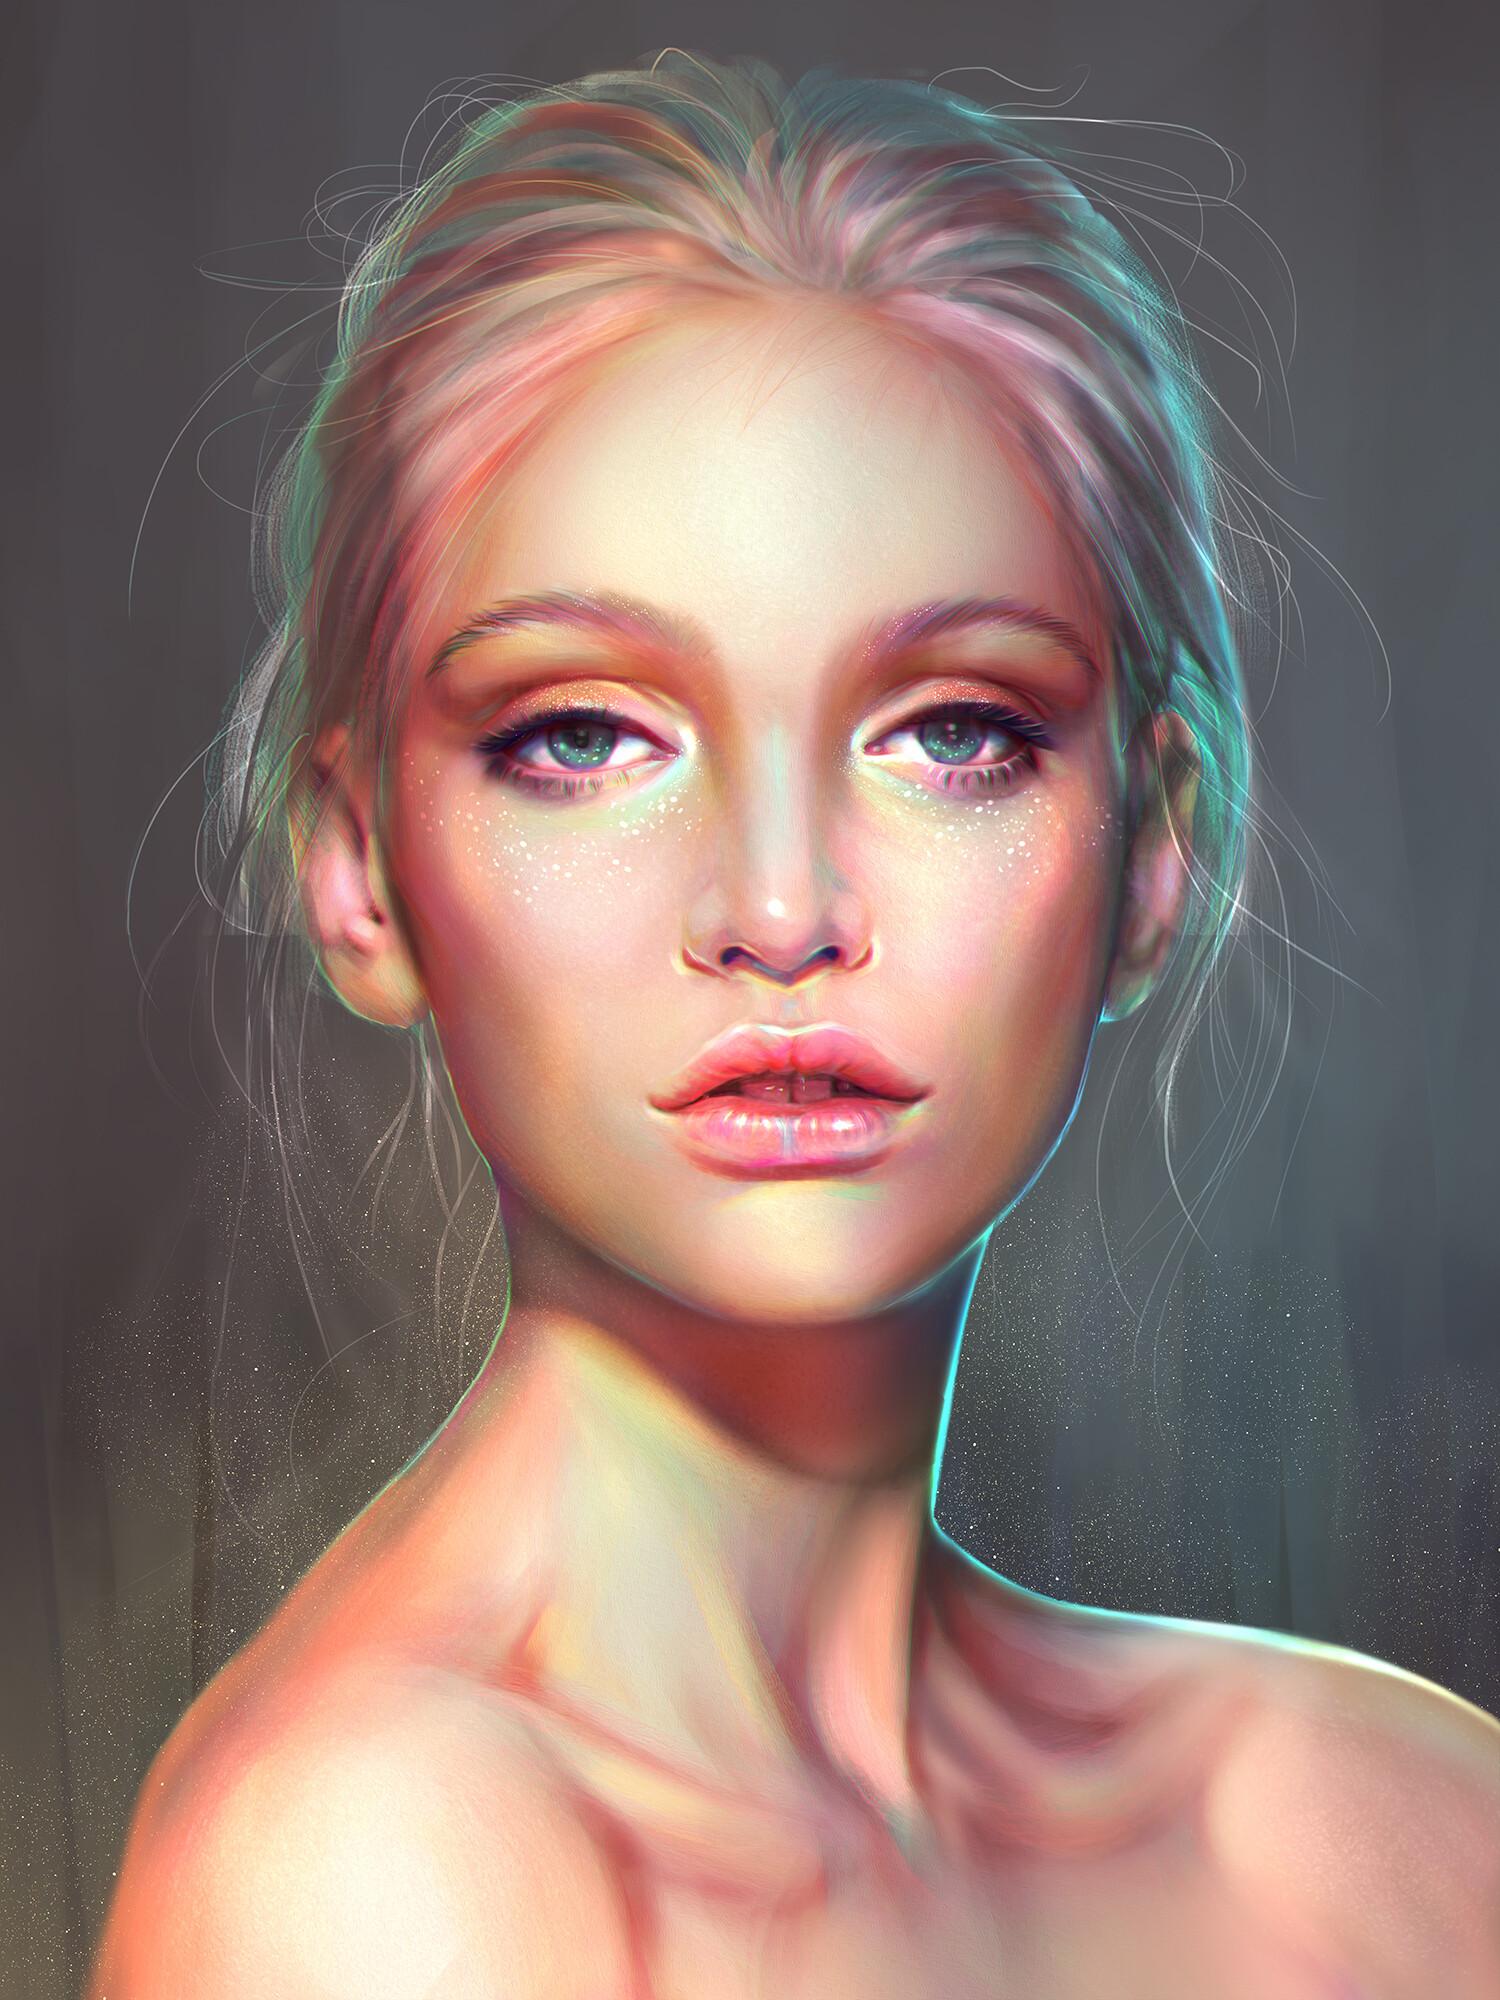 Truc aries portrait1 portrait girl